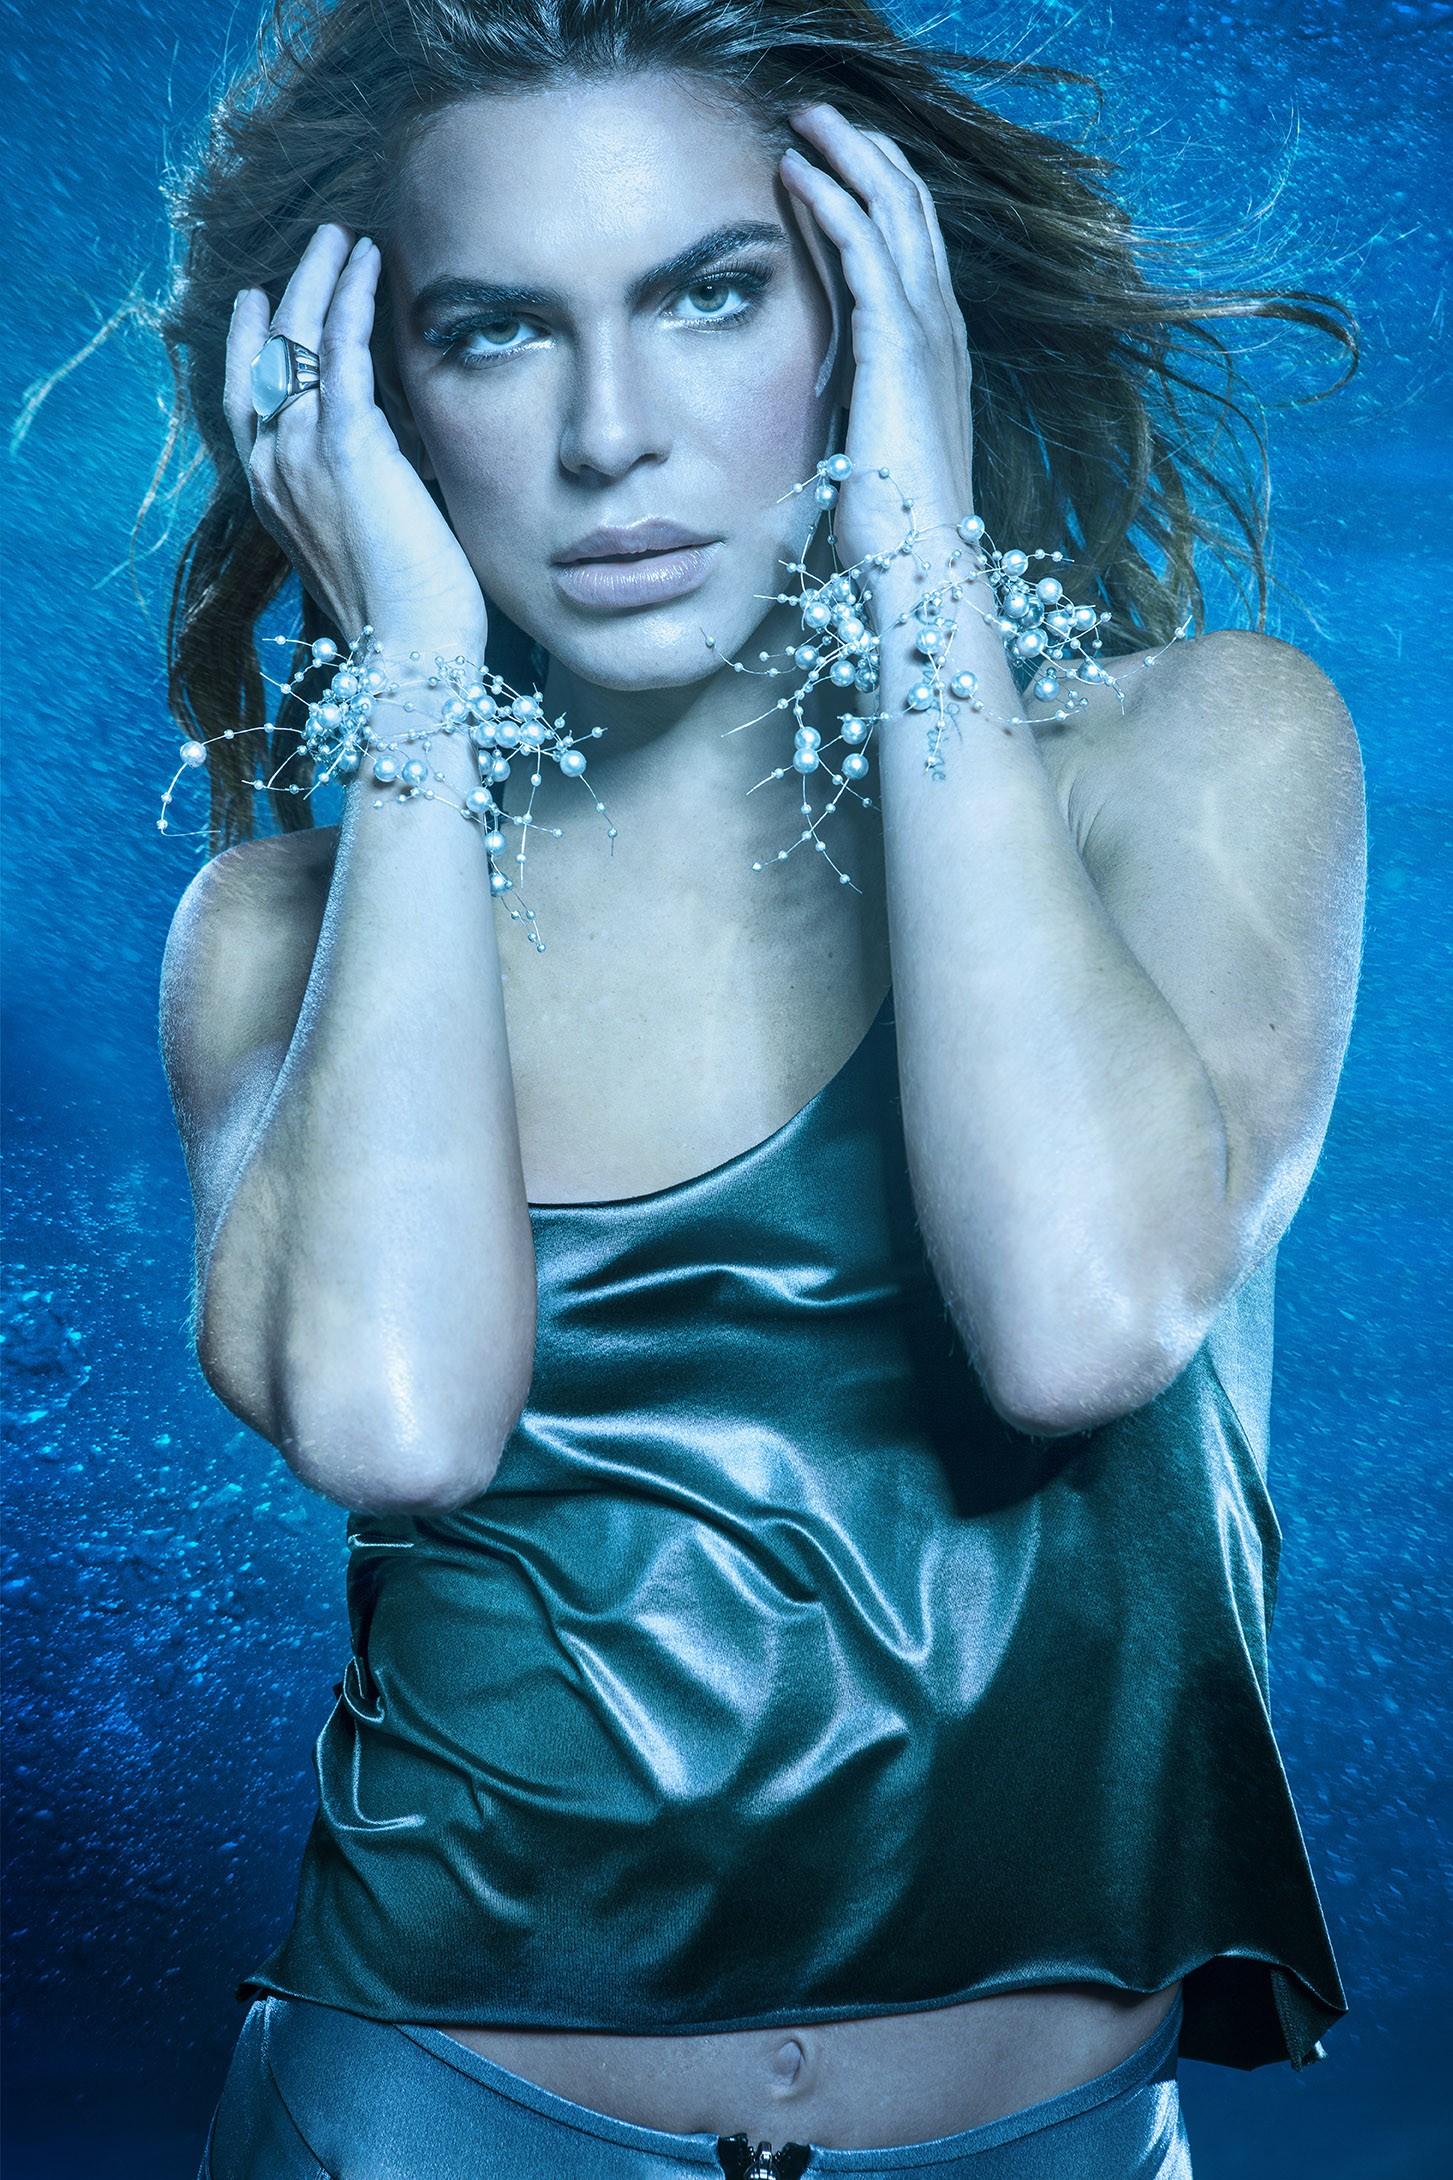 Mariana Goldfarb encarna sereia moderna em campanha de moda Fitness (Foto: Divulgação)